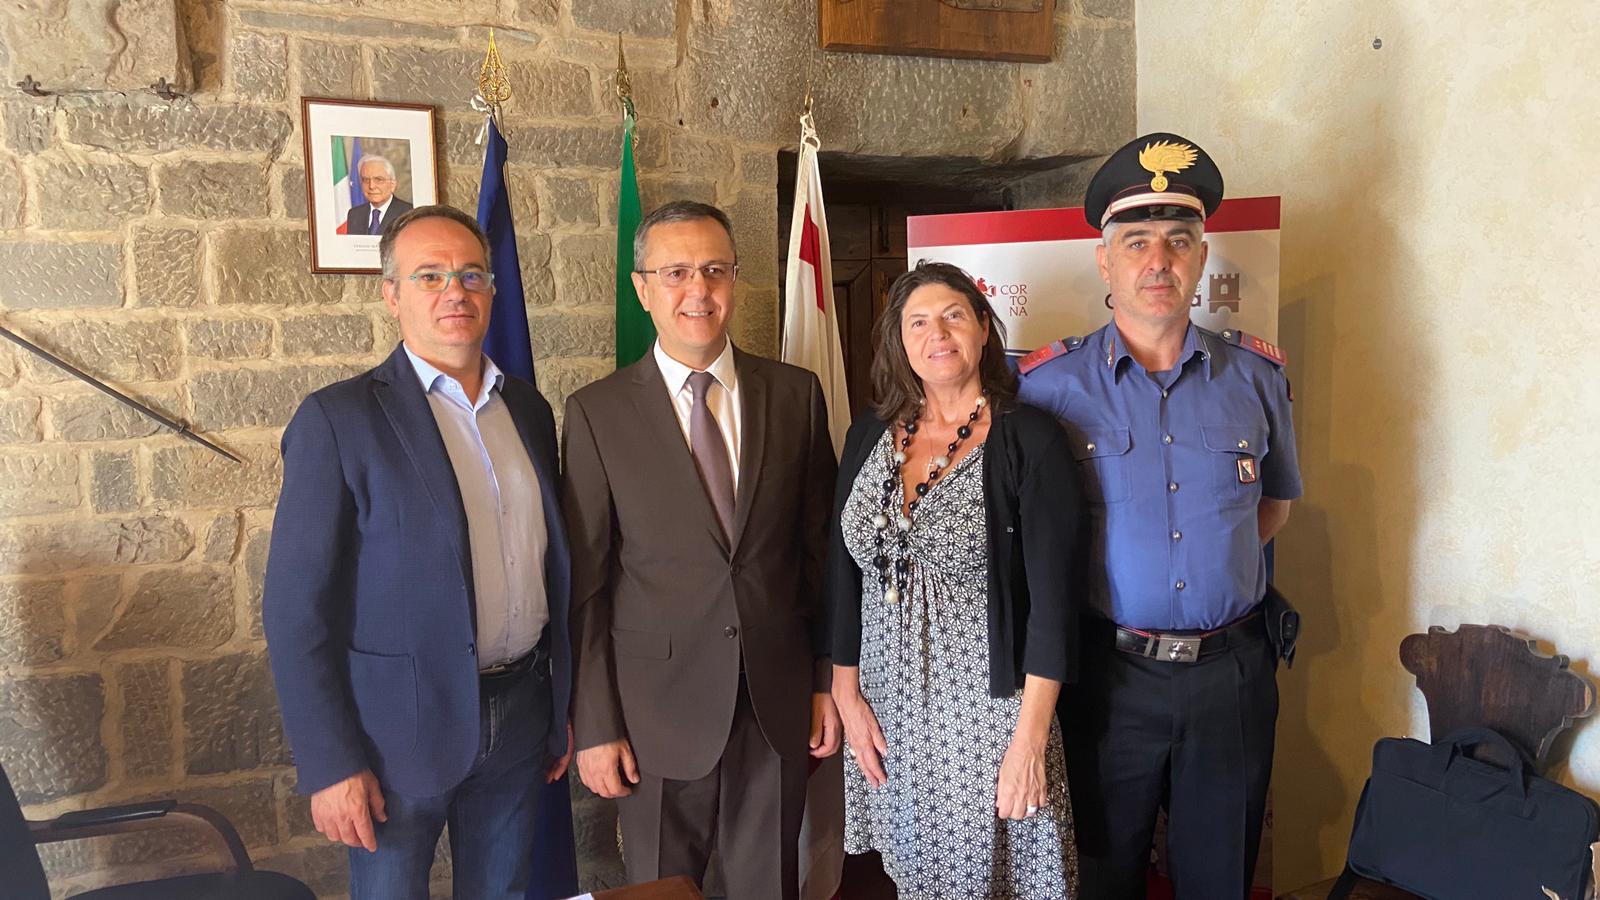 L'ambasciatore dell'Uzebkistan in visita a Cortona